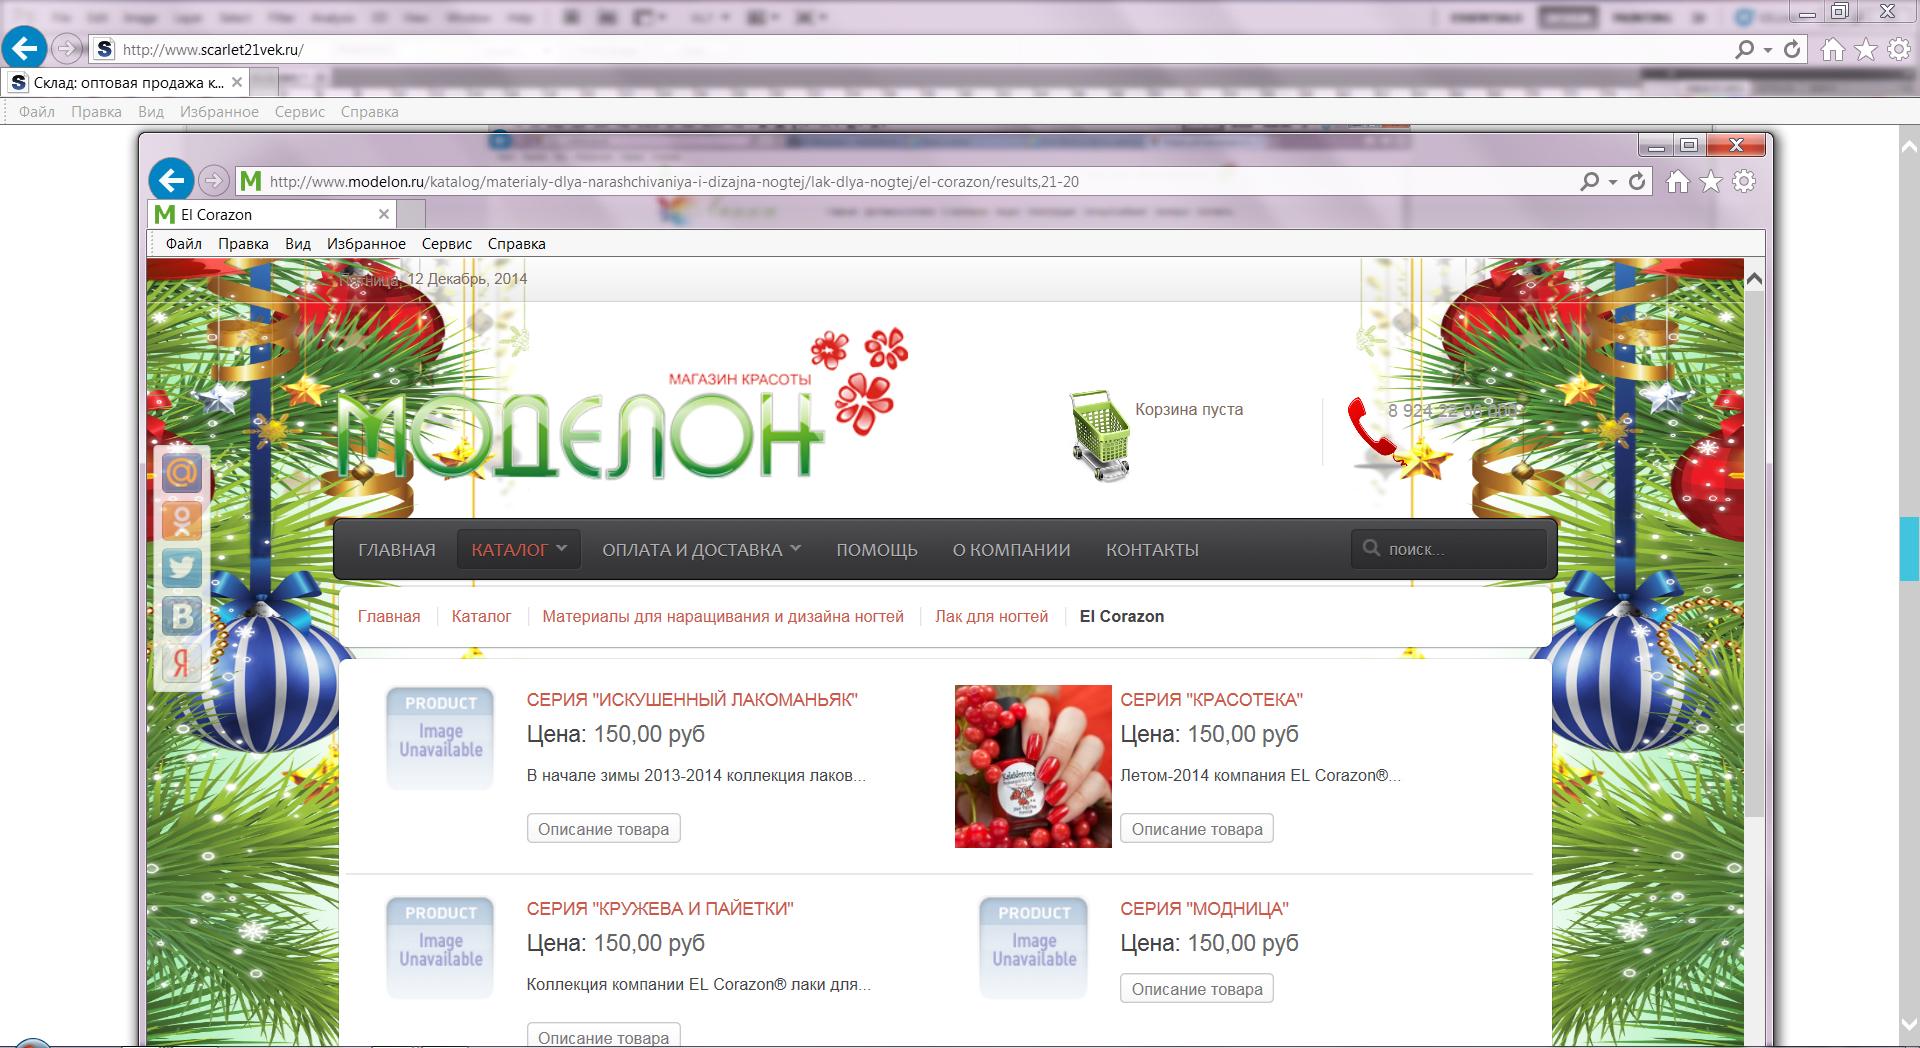 купить Эль Коразон в Хабаровске, интернет-магазин EL Corazon, EL Corazon купить Хабаровск